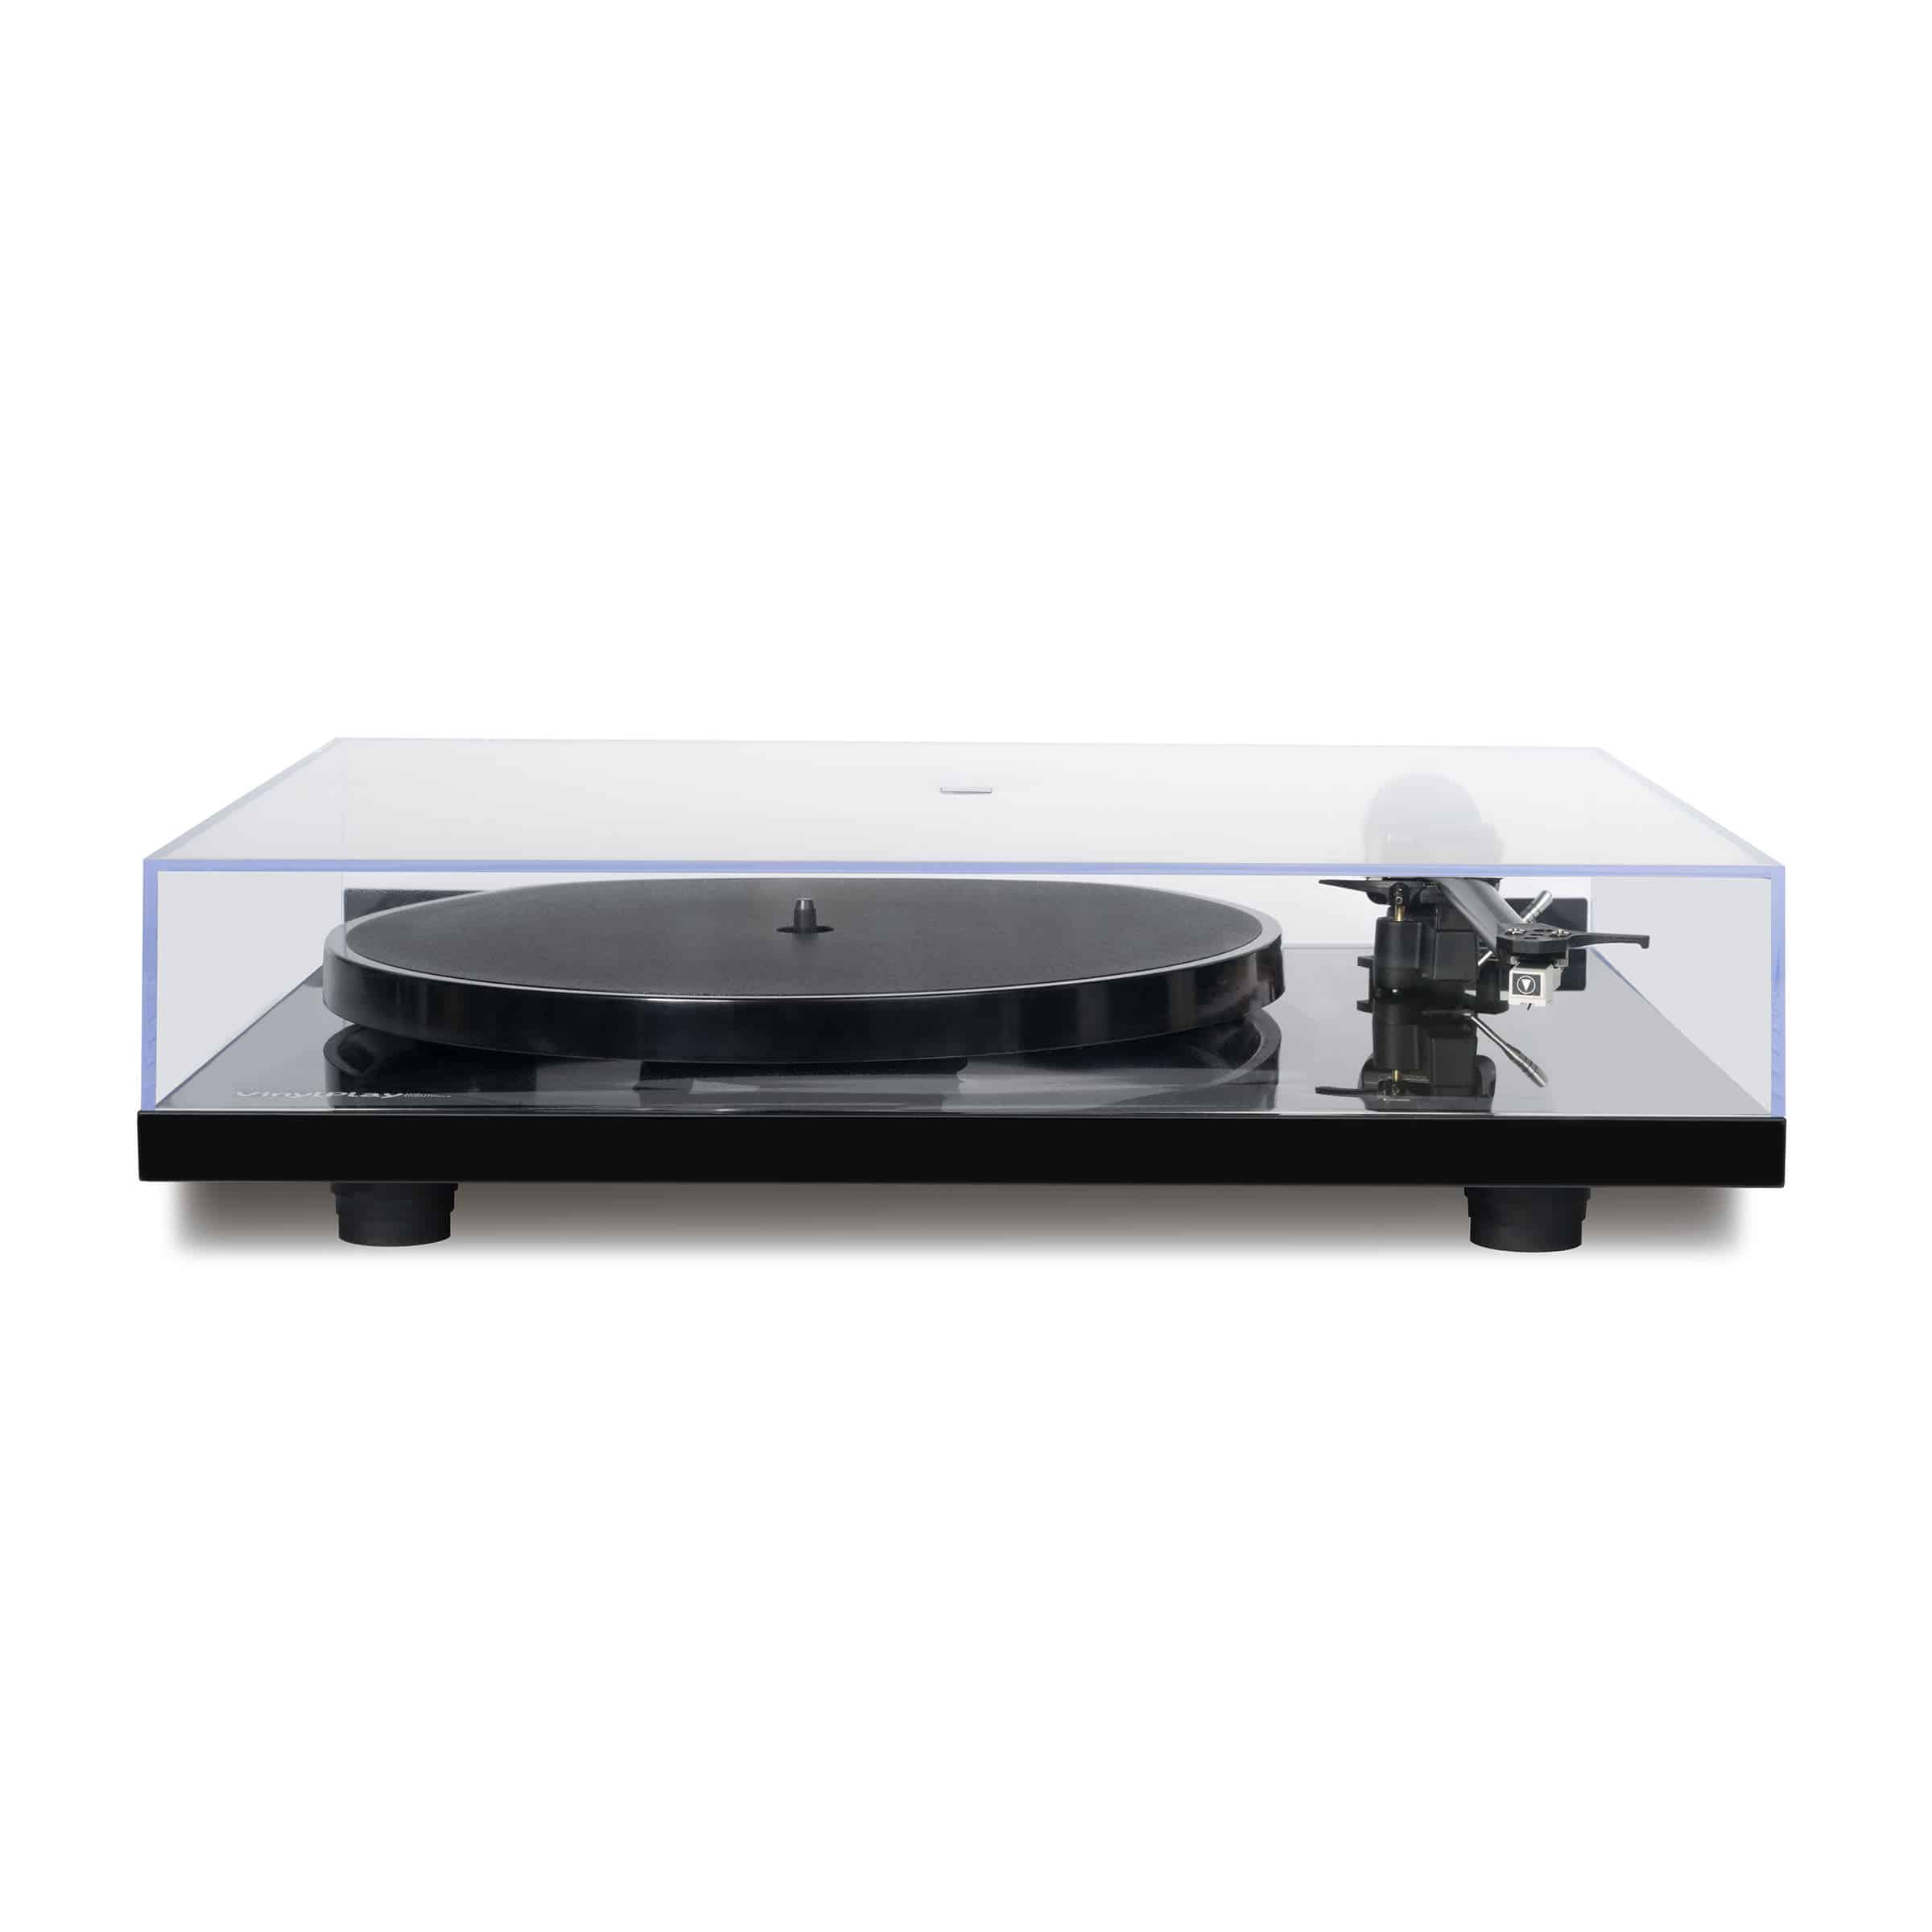 Sonos Platenspeler vinylplay zwart 7